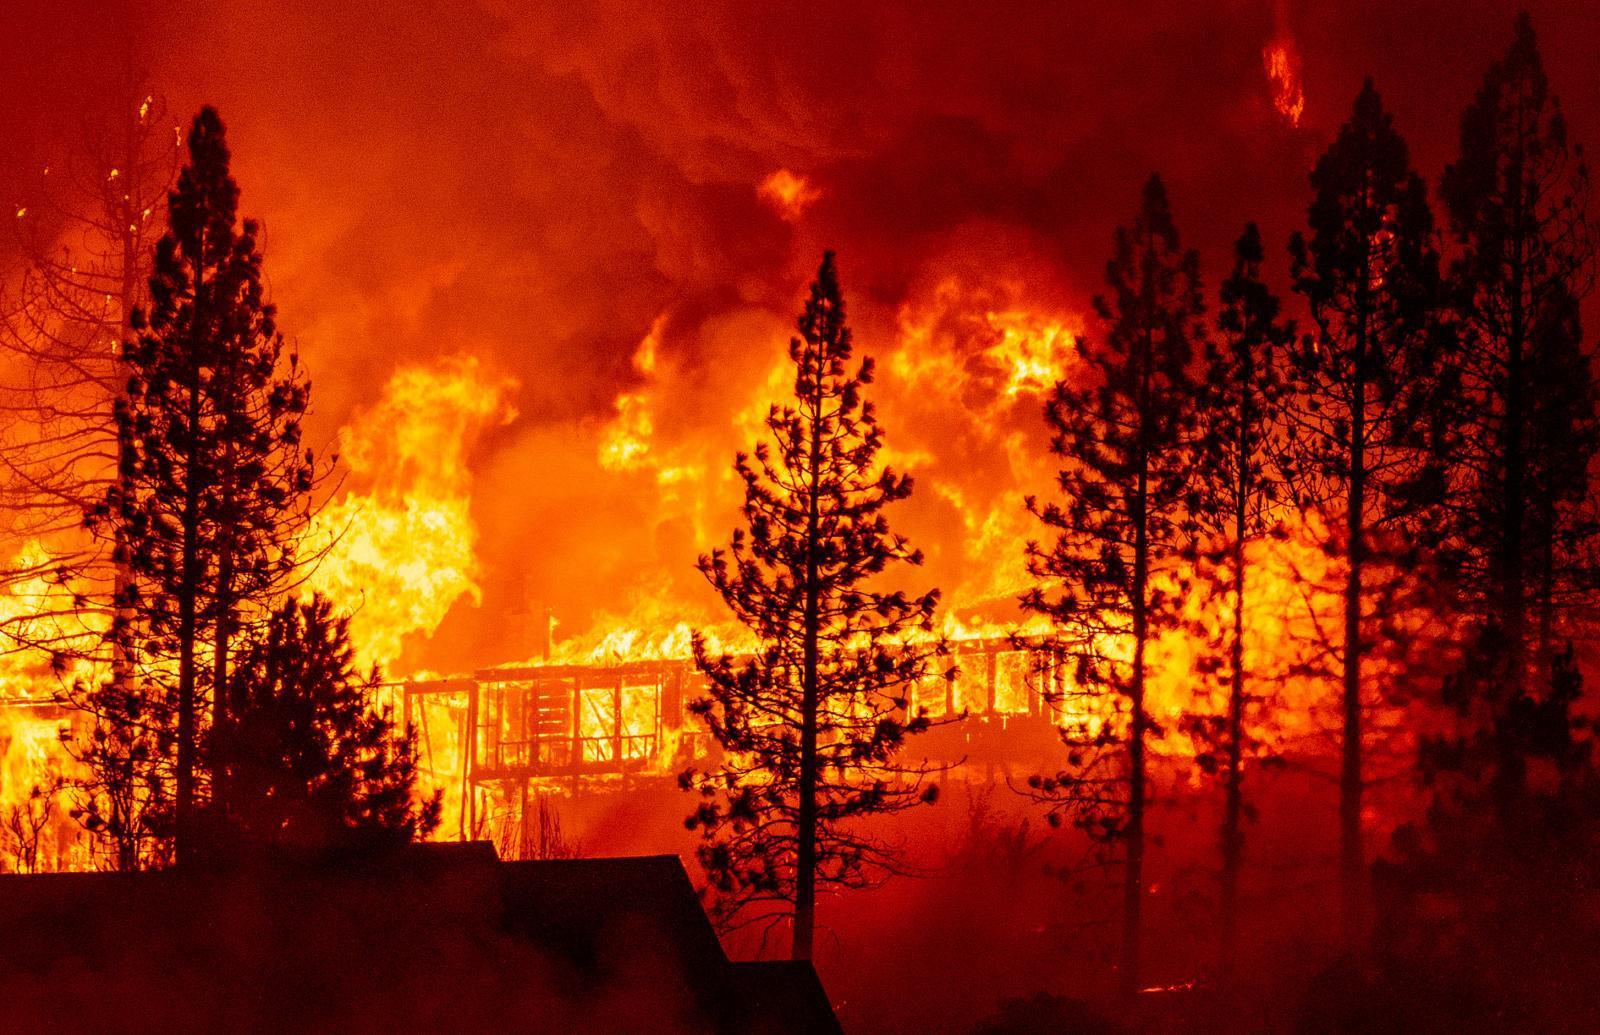 เร่งอพยพคนและสัตว์ หลังไฟป่าแคลิฟอร์เนียทุบสถิติกินพื้นที่มากกว่า 8,000 ตร.กม.